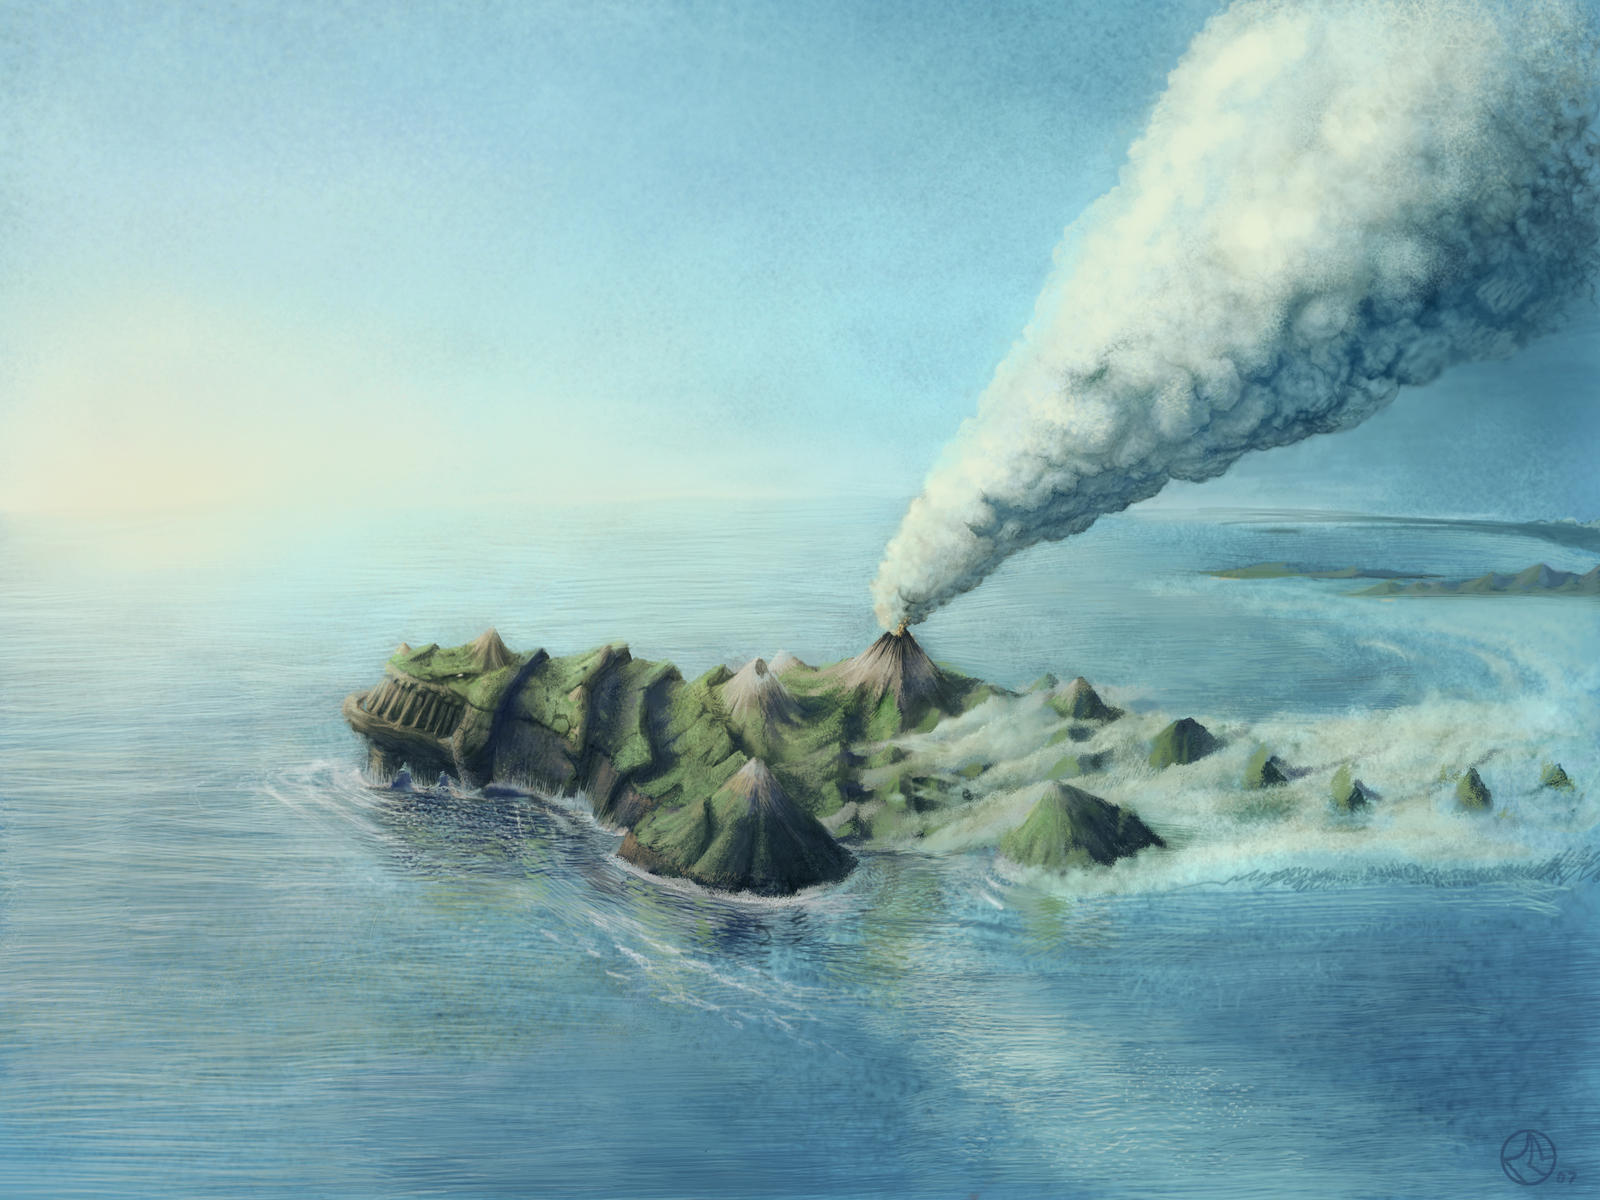 Monster Island By Rorylanelutter On DeviantArt